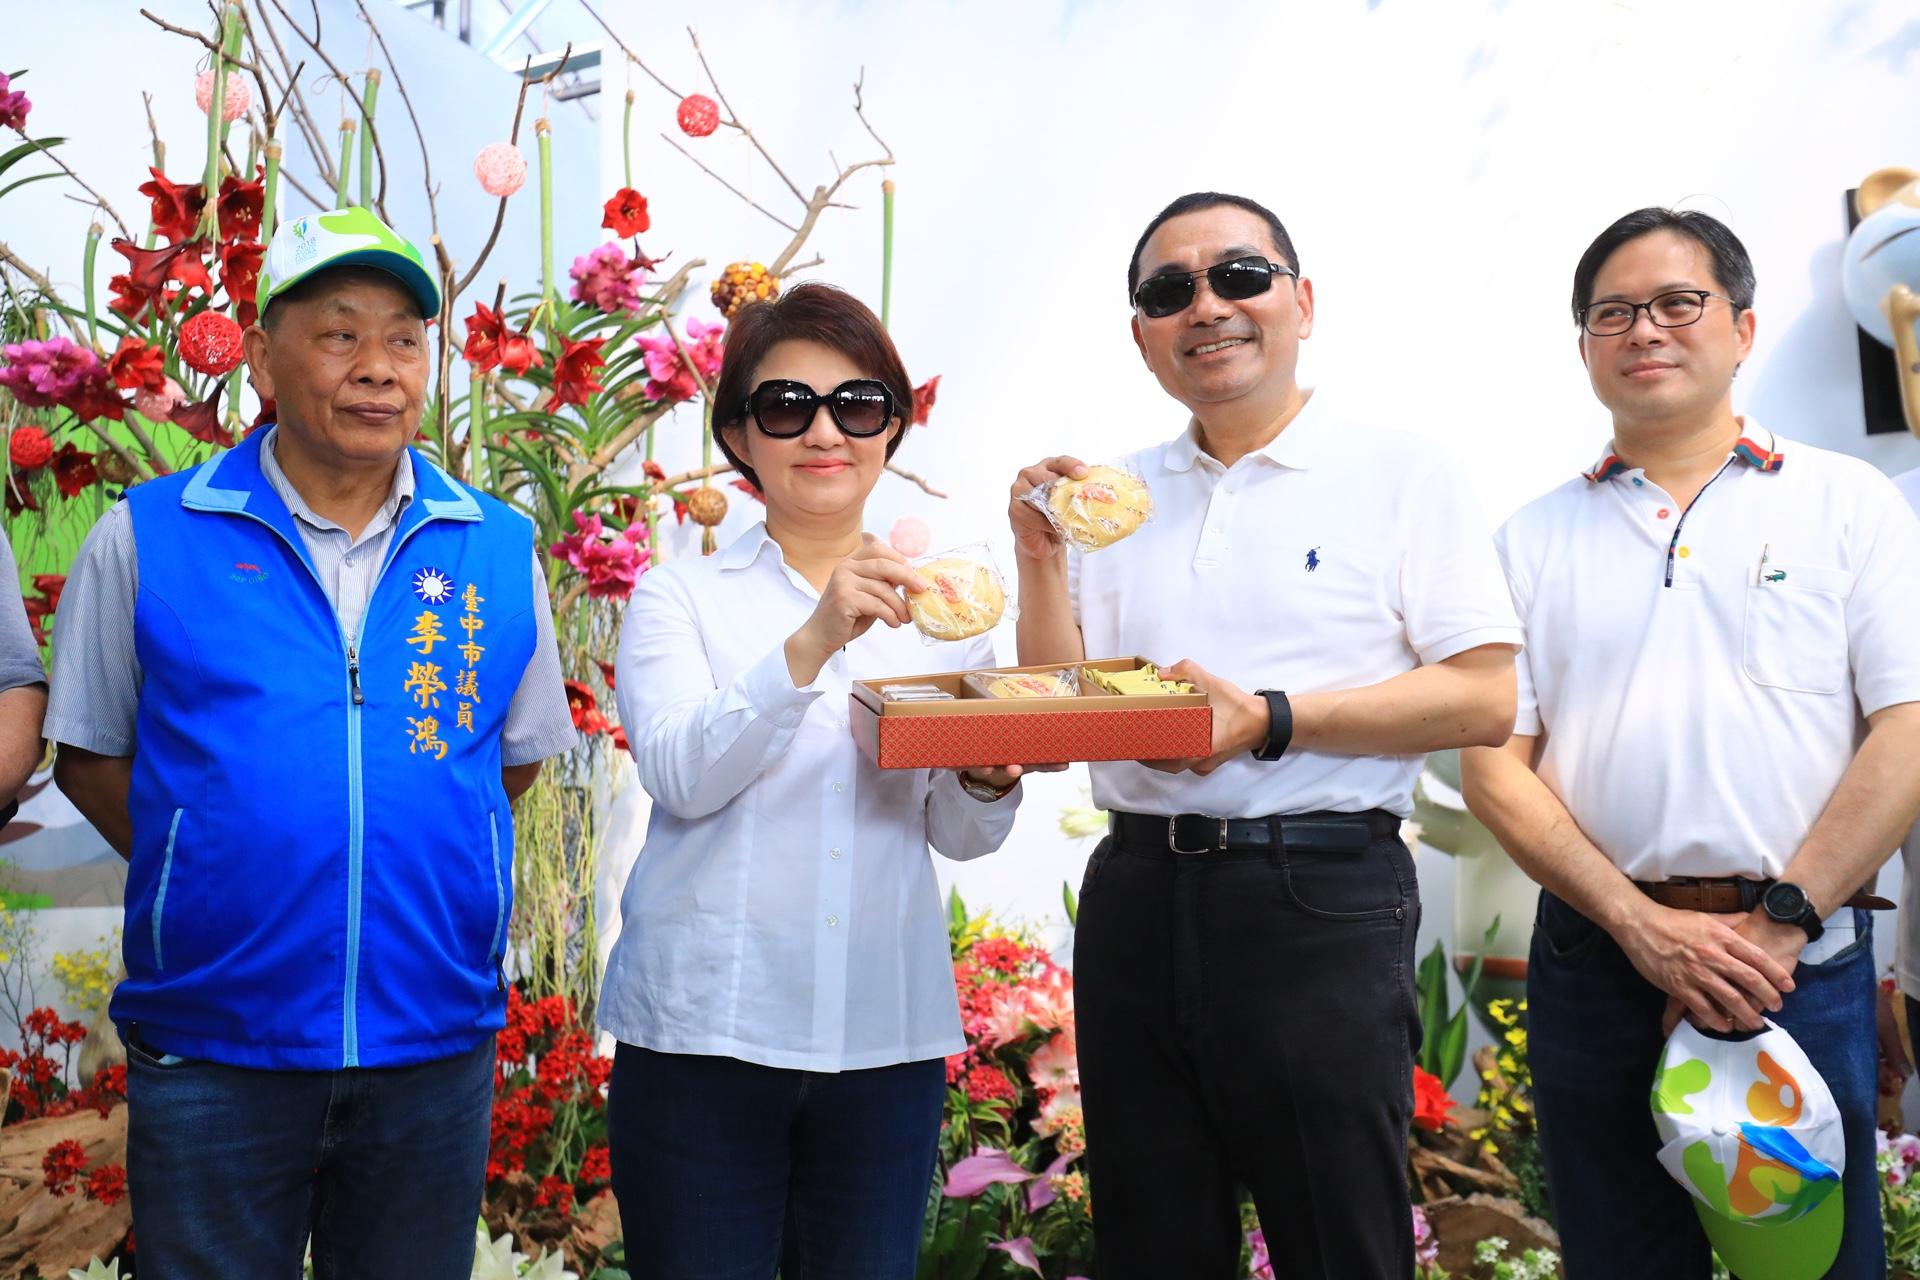 新北市長訪台中花博 六都首長參訪大滿貫紀錄達標